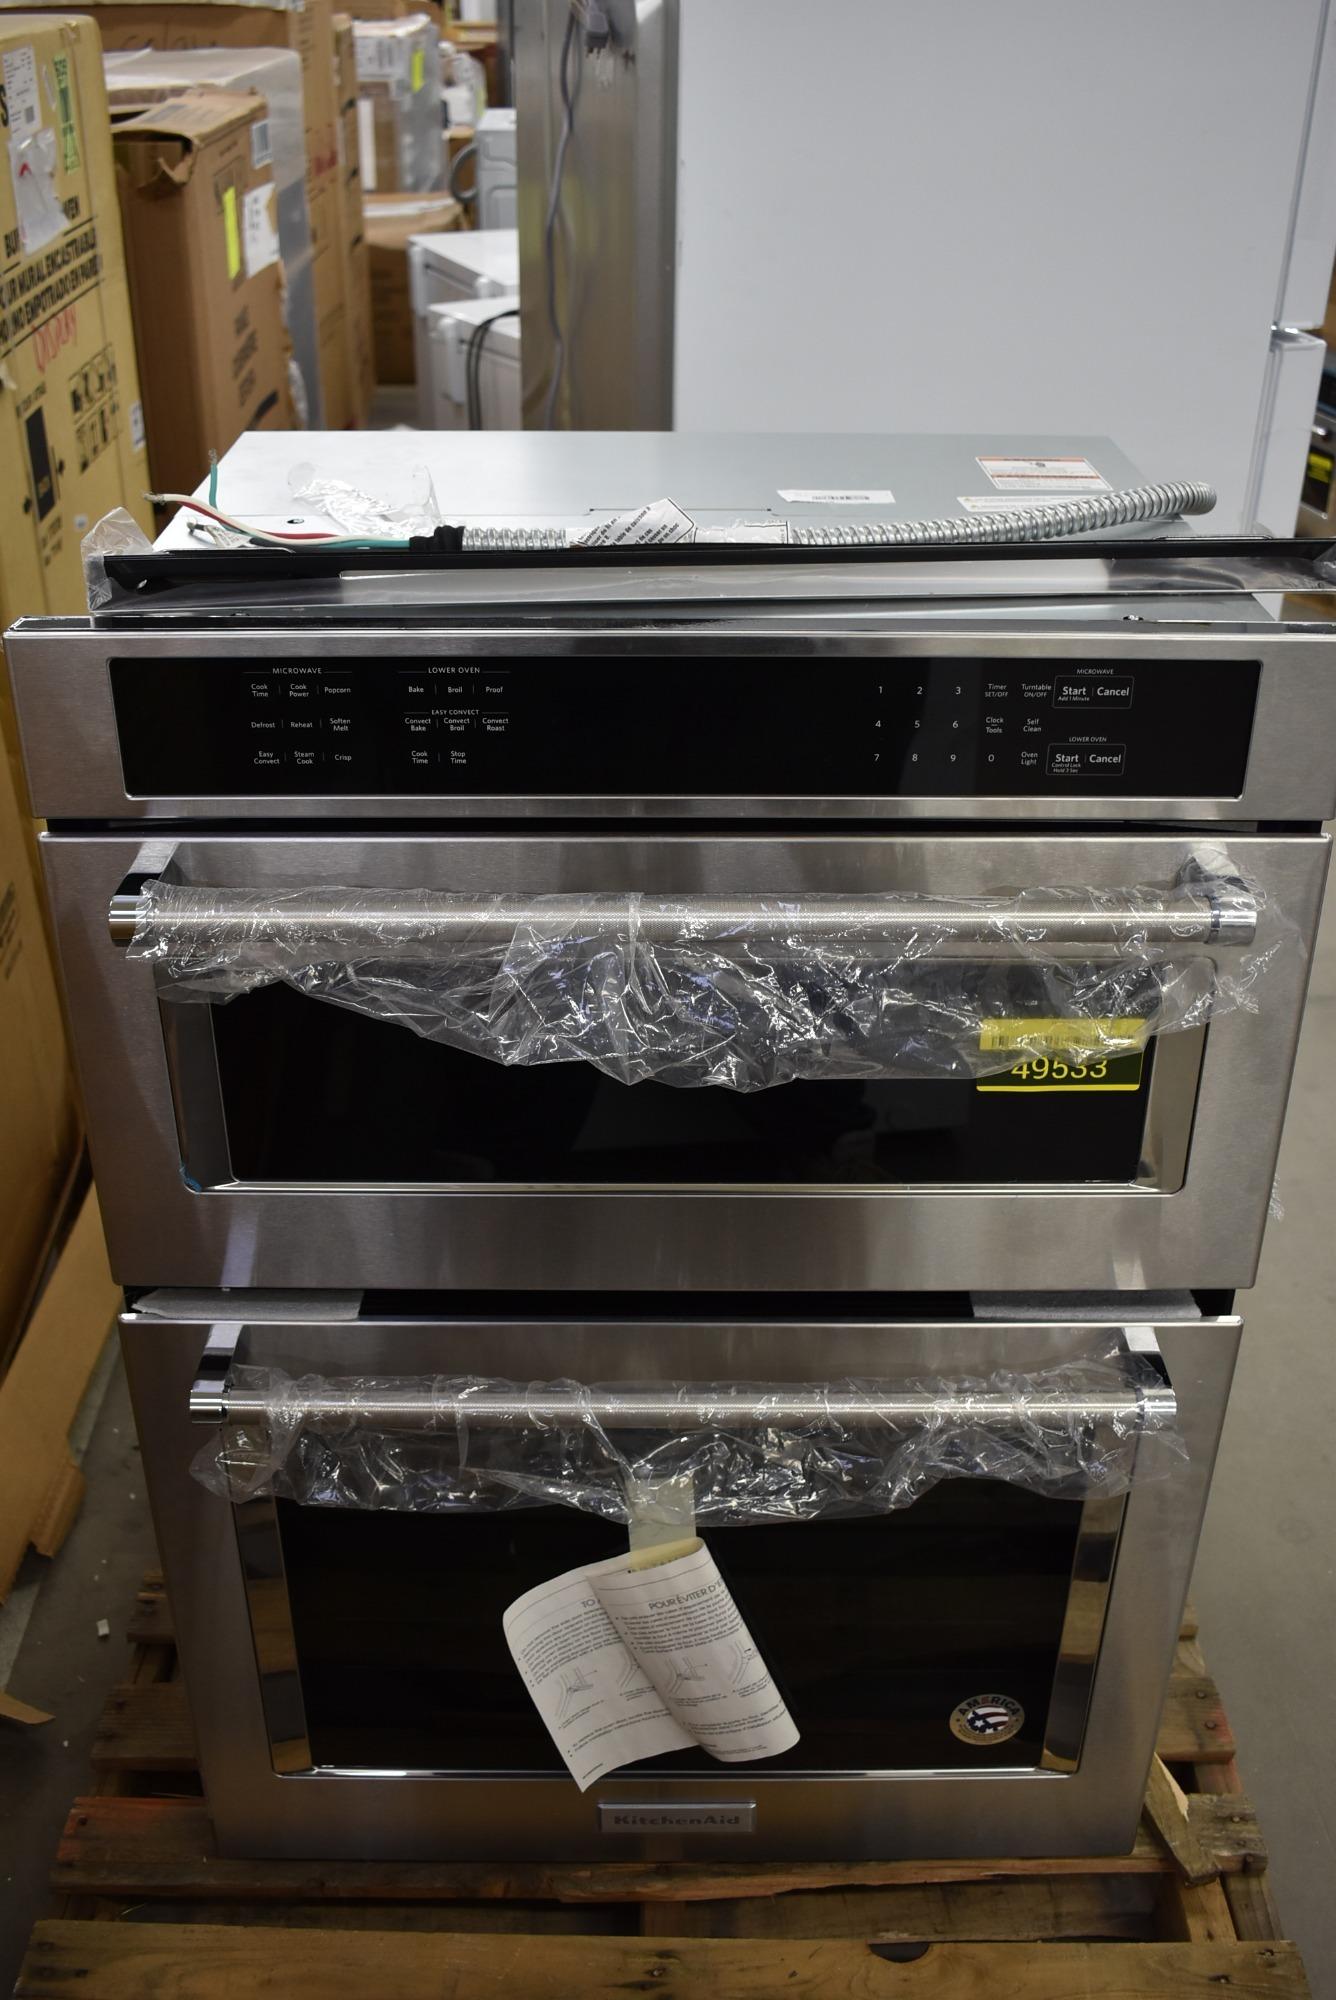 KitchenAid KOCE500ESS 30